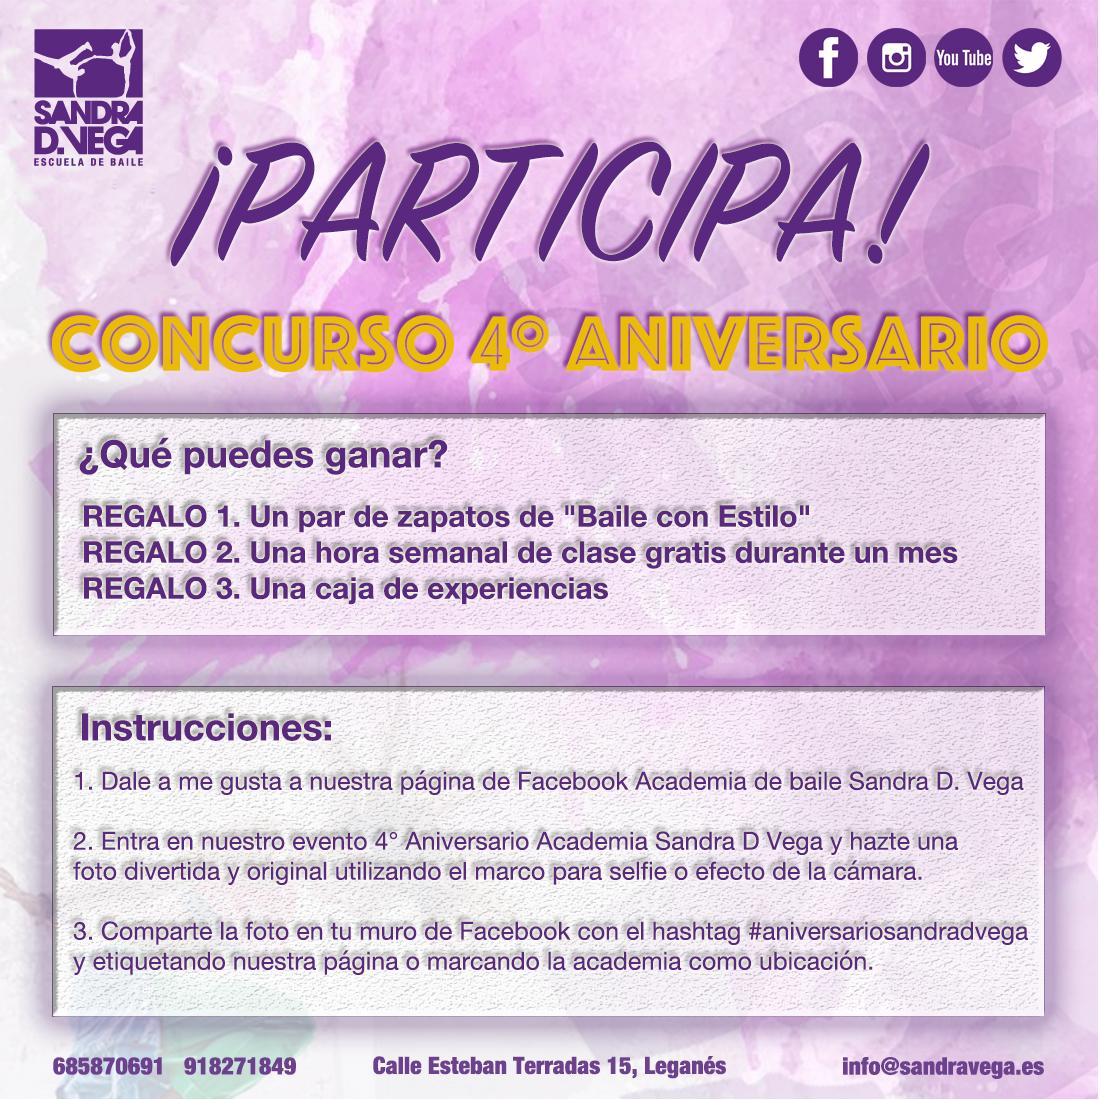 Concurso 4° Aniversario - Academia de baile Sandra D. Vega